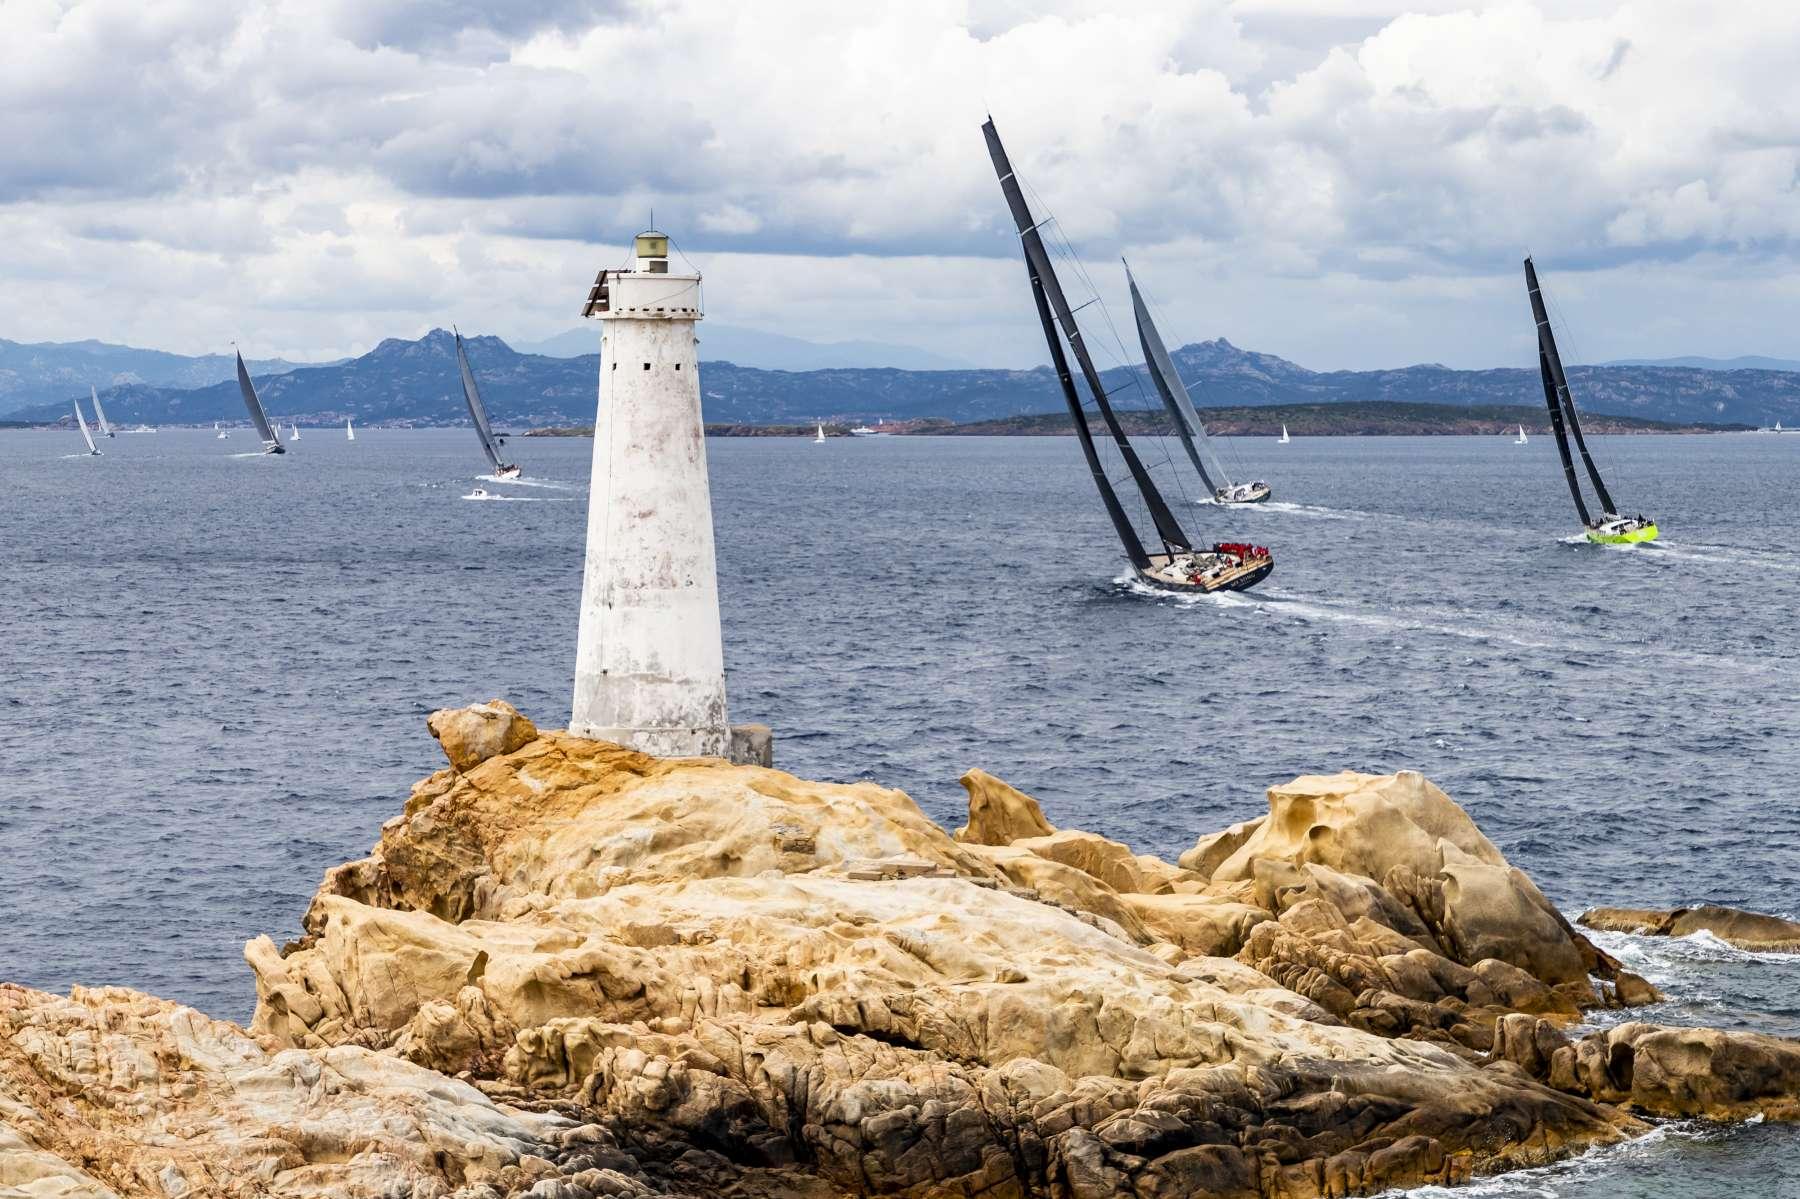 La Loro Piana Superyacht Regatta apre ai multiscafi - NEWS - Yacht Club Costa Smeralda